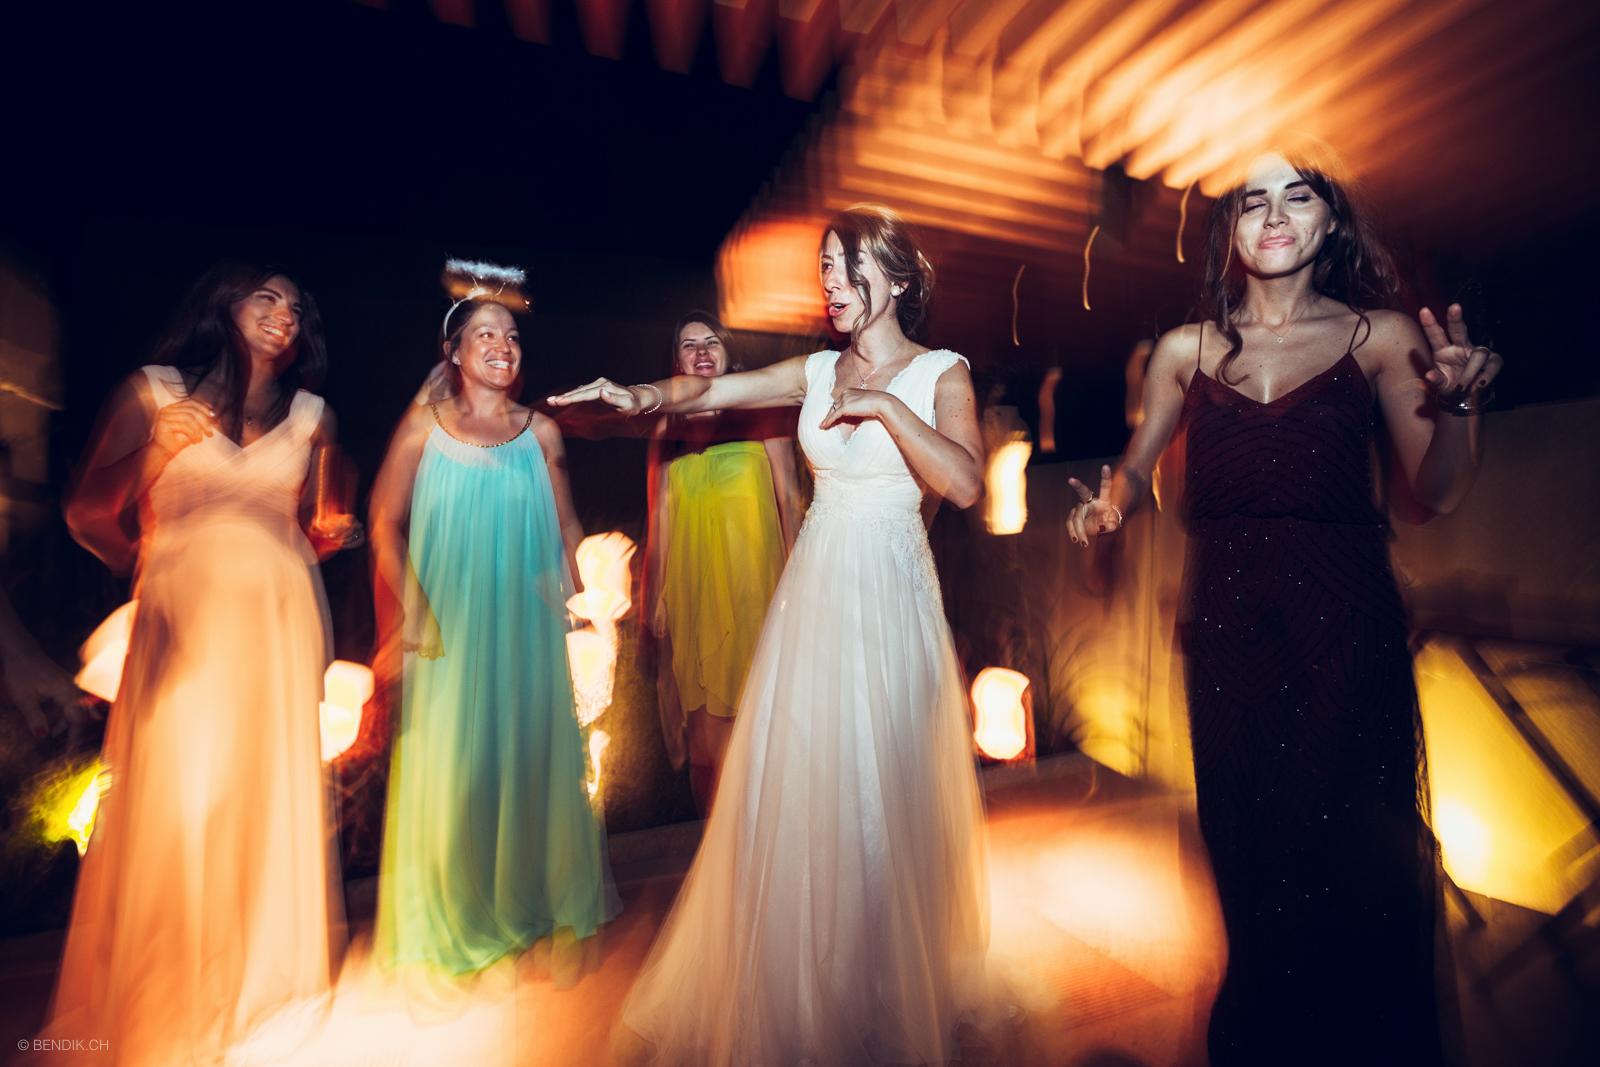 wedding_photoshoot_pinar_tolga20150913_085